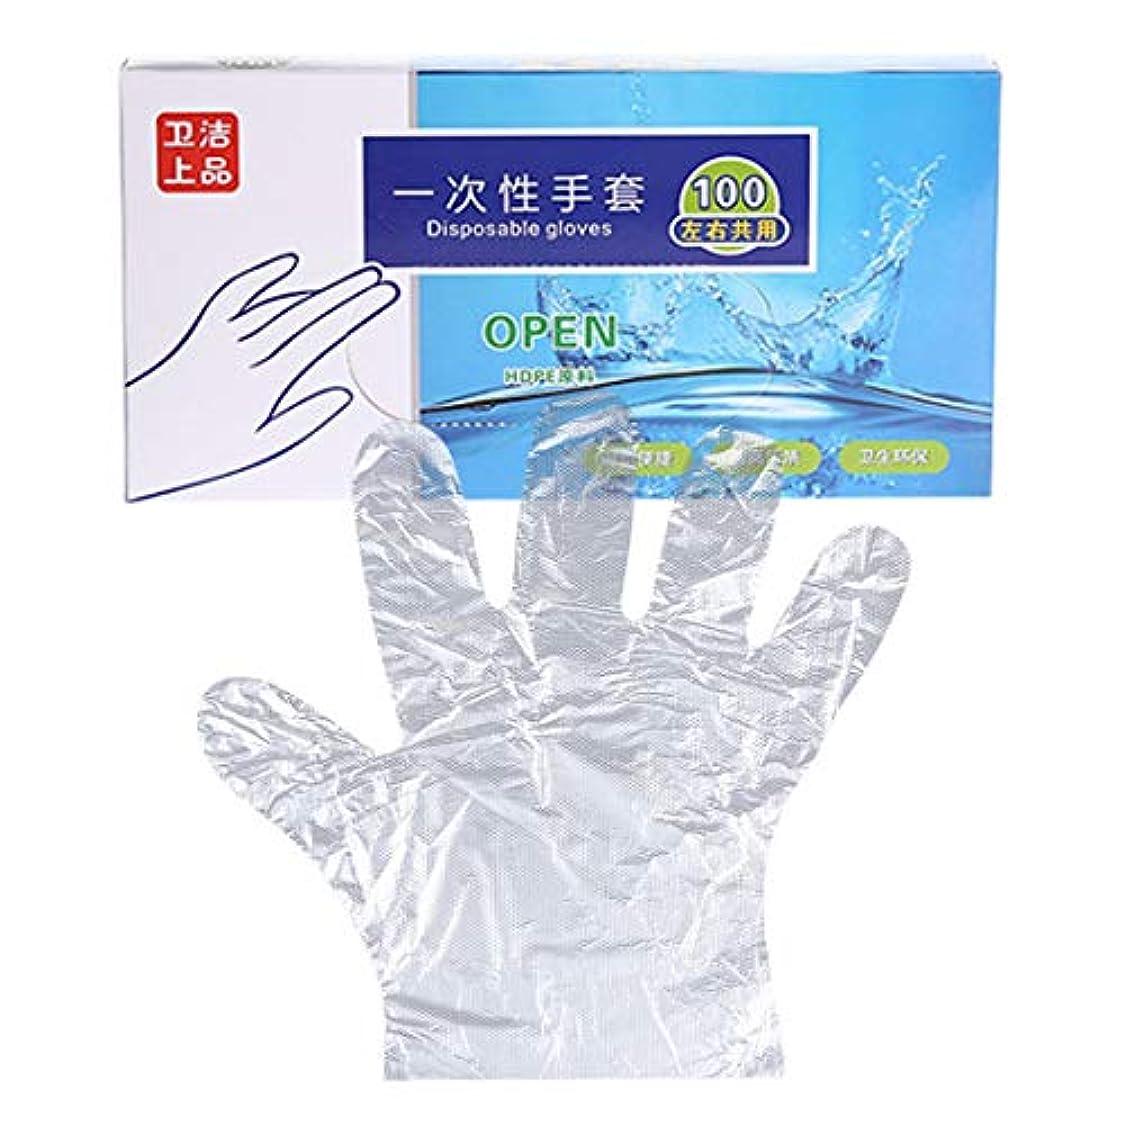 良性ロック勝つBemin 使い捨て手袋 100本入 透明 フリーサイズ グローブ ポリエチレン手袋 左右兼用 ポリエチレン PE 実用 衛生 調理 清掃 染髪